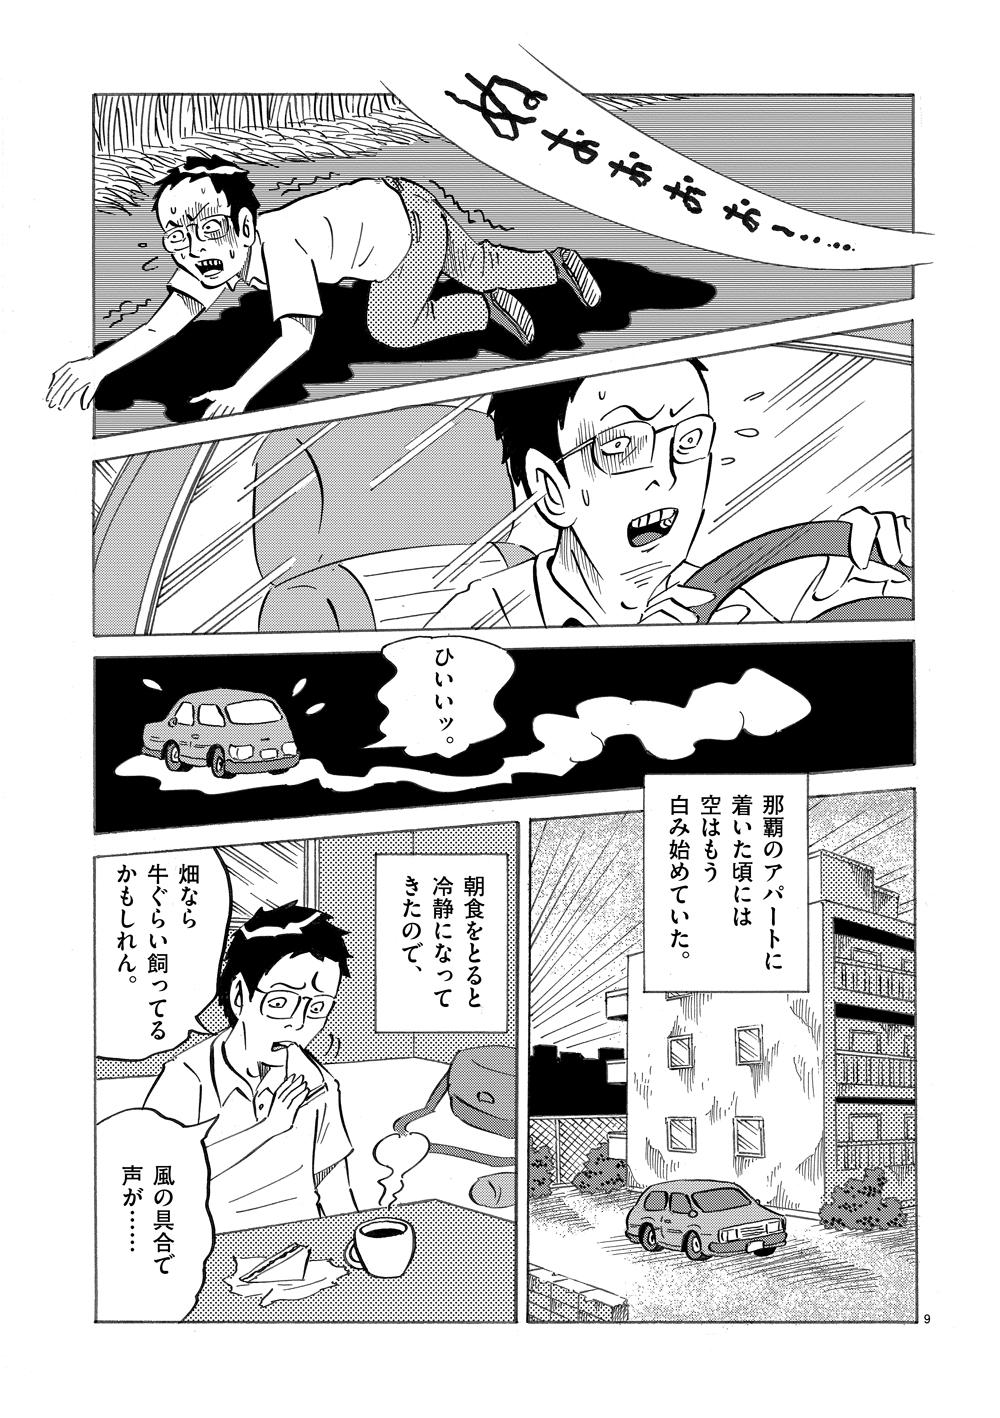 琉球怪談 【第7話】WEB掲載9ページ目画像